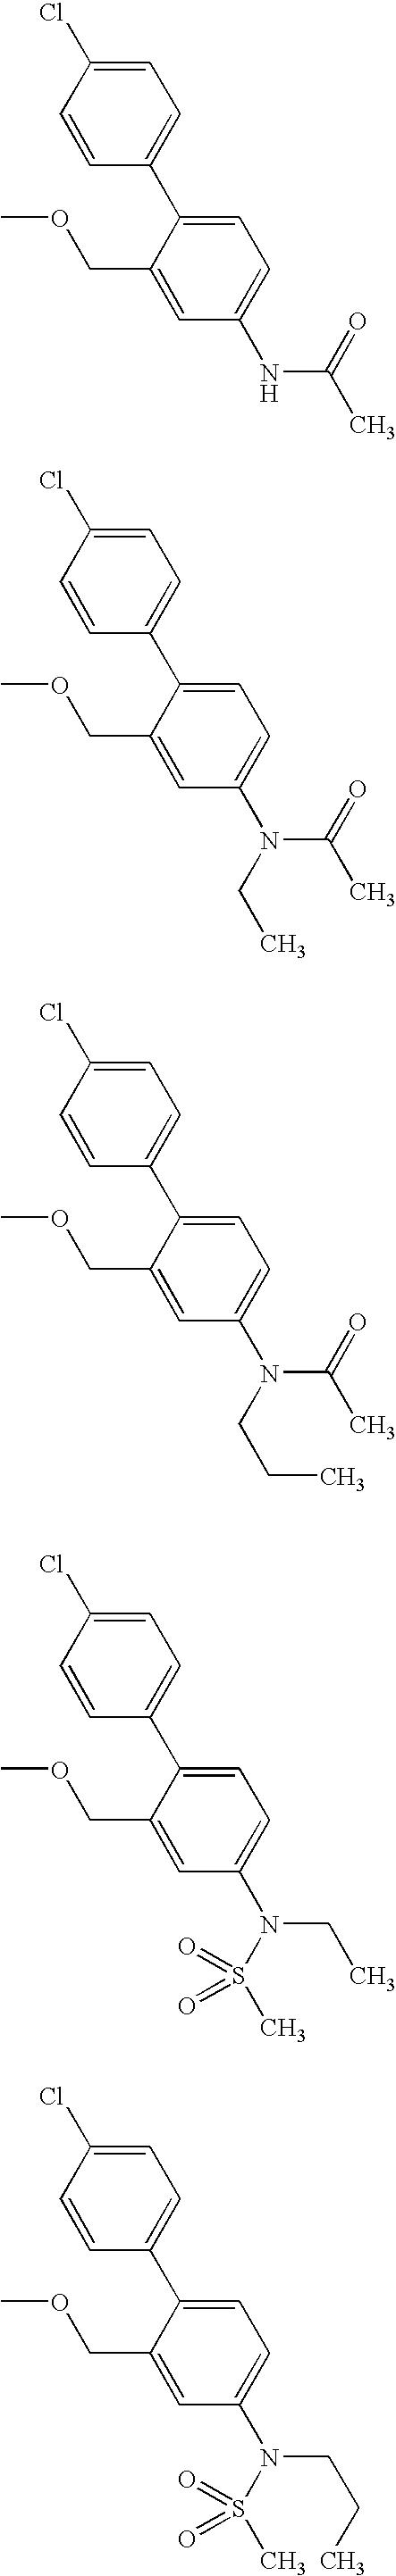 Figure US20070049593A1-20070301-C00262